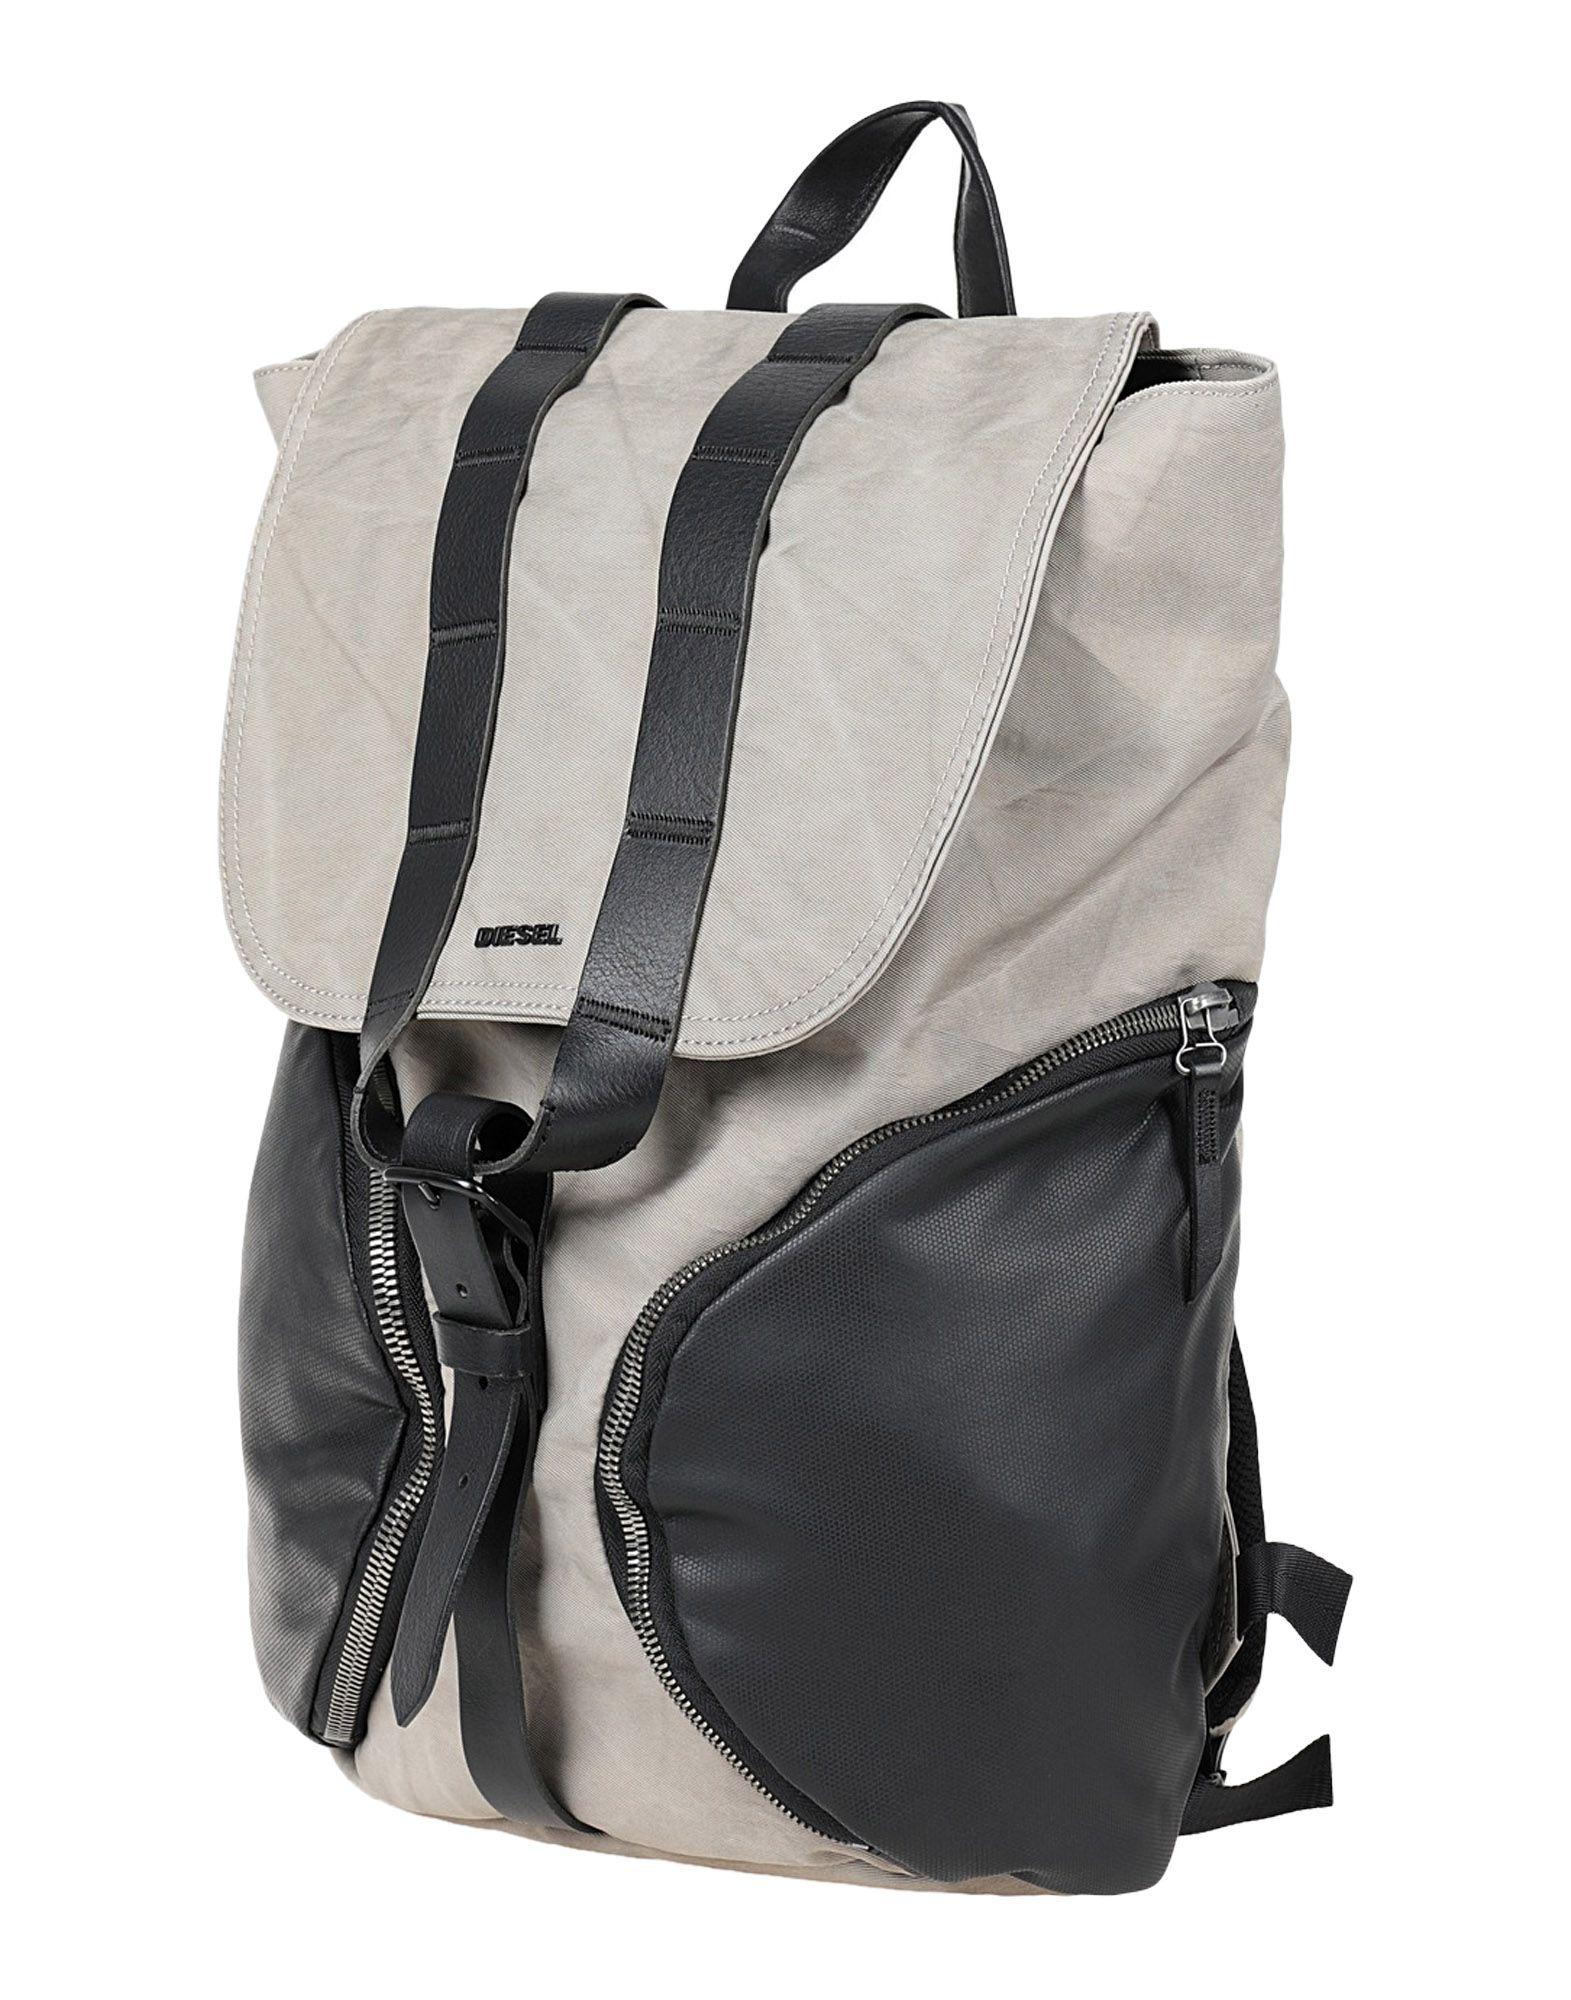 DIESEL | DIESEL Backpacks & Fanny Packs 45411080 | Goxip